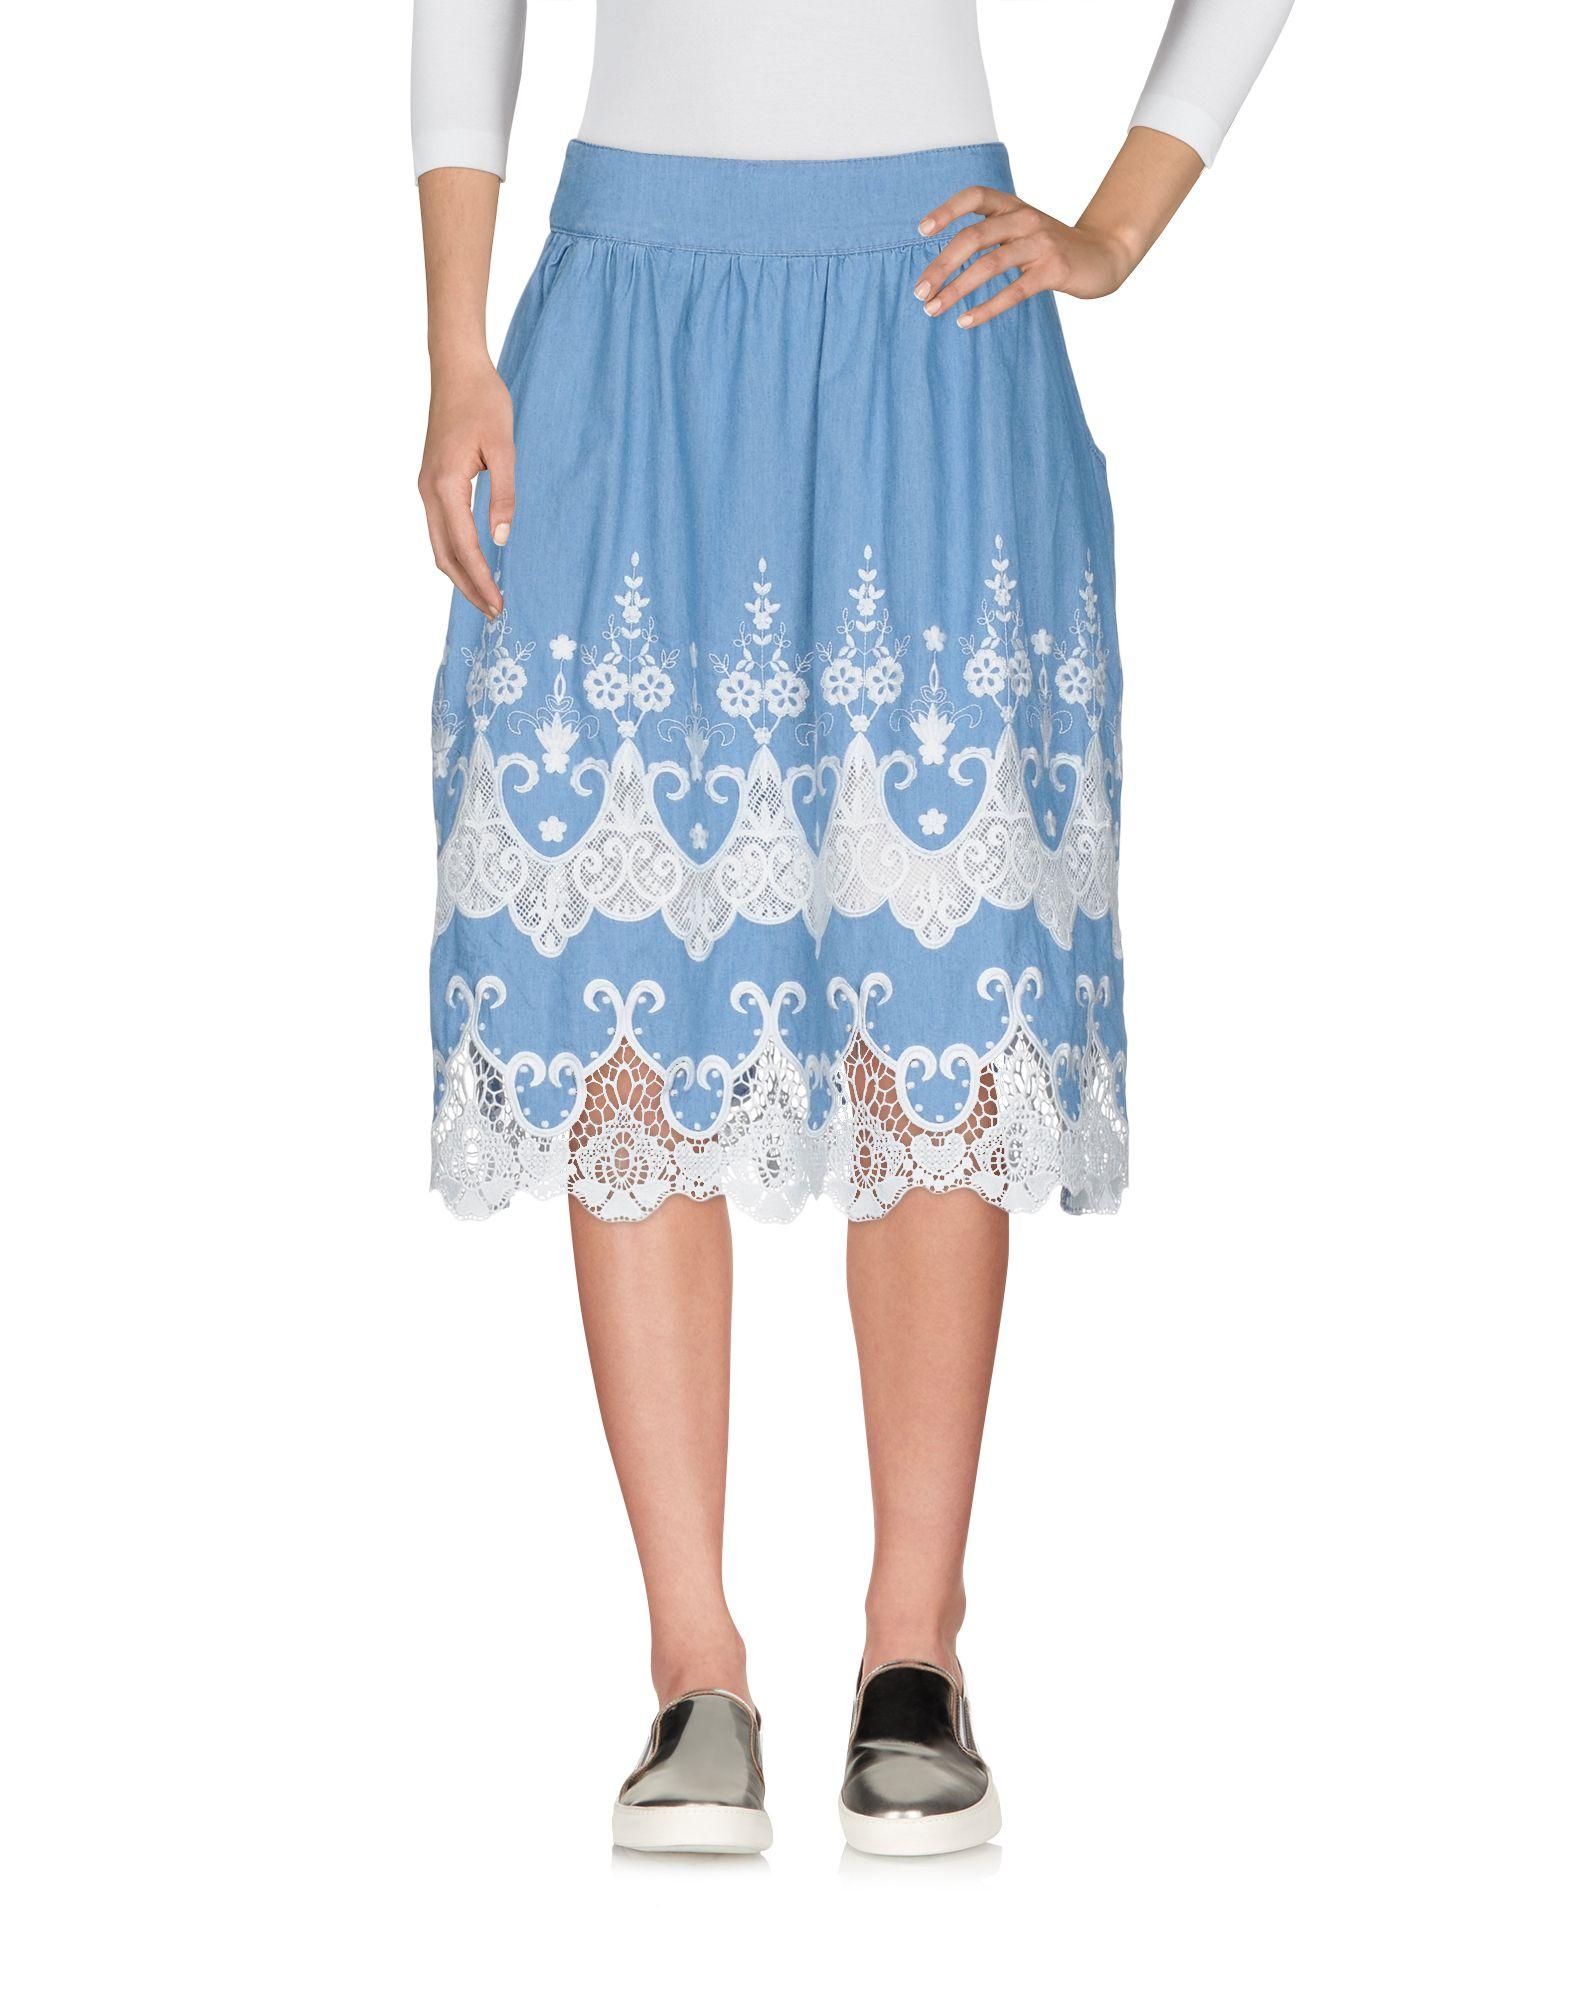 DESIGUAL Джинсовая юбка vinemo vorneoco корейская версия высокой талии слот пакет юбка джинсовая юбка юбка юбка r1540 серый xl